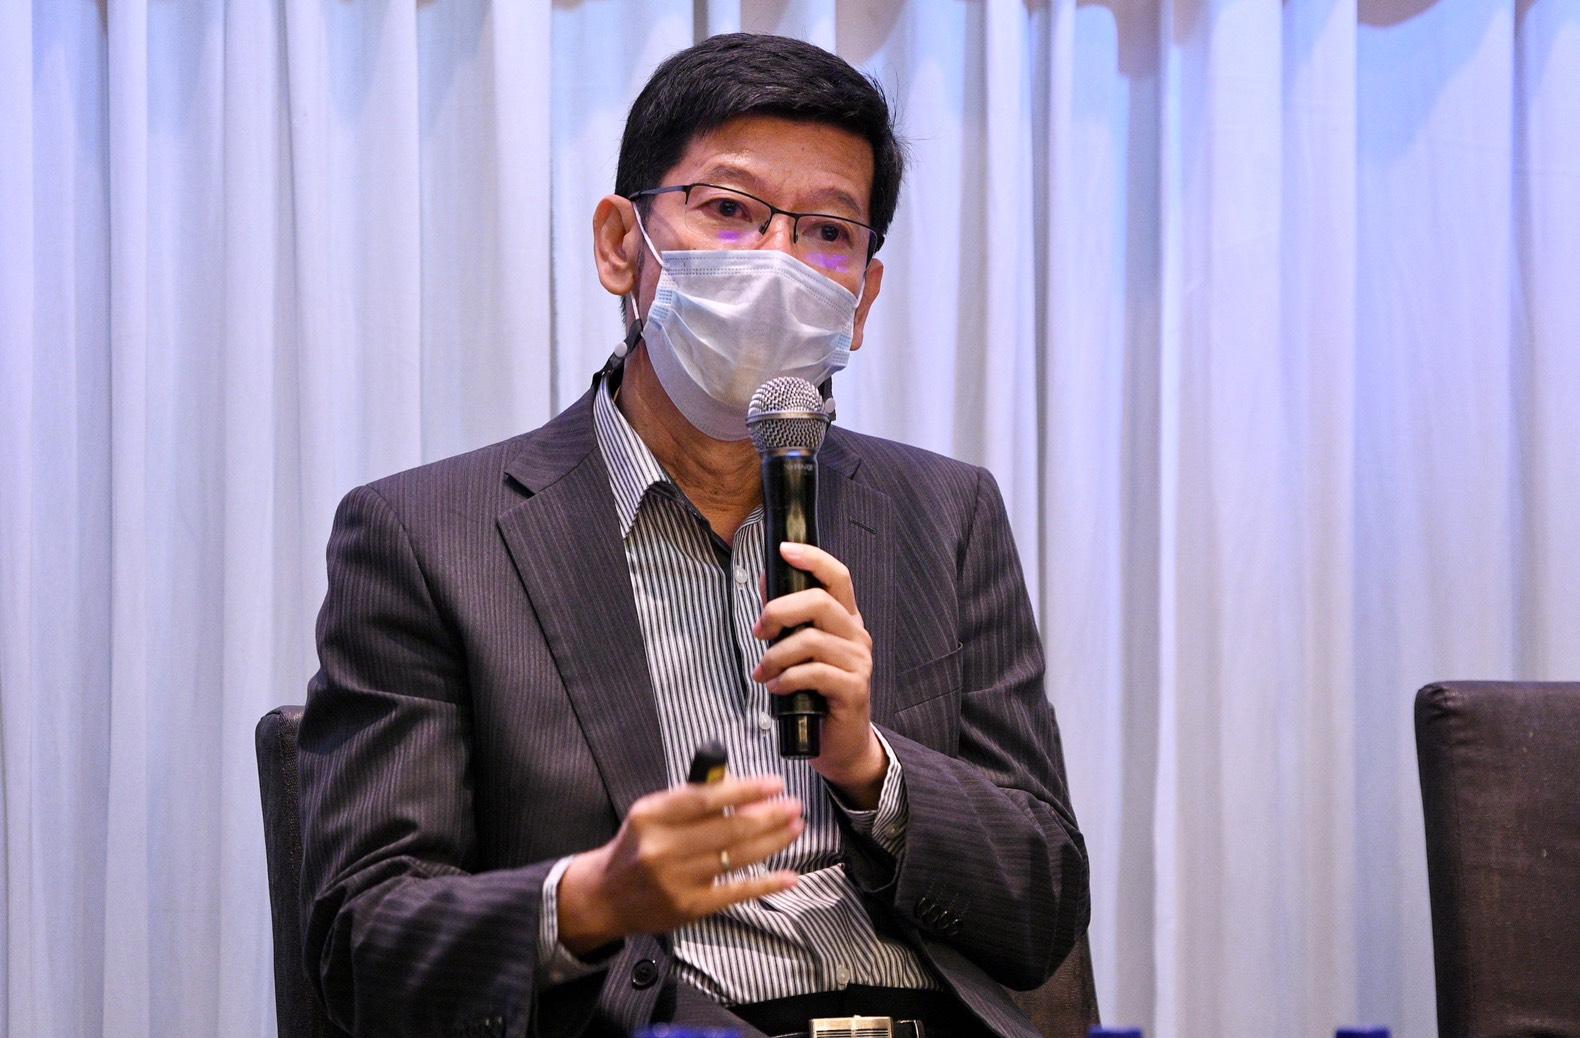 หยุดอุบัติเหตุดื่มแล้วขับ หนุนผิดซ้ำต้องเพิ่มโทษ thaihealth